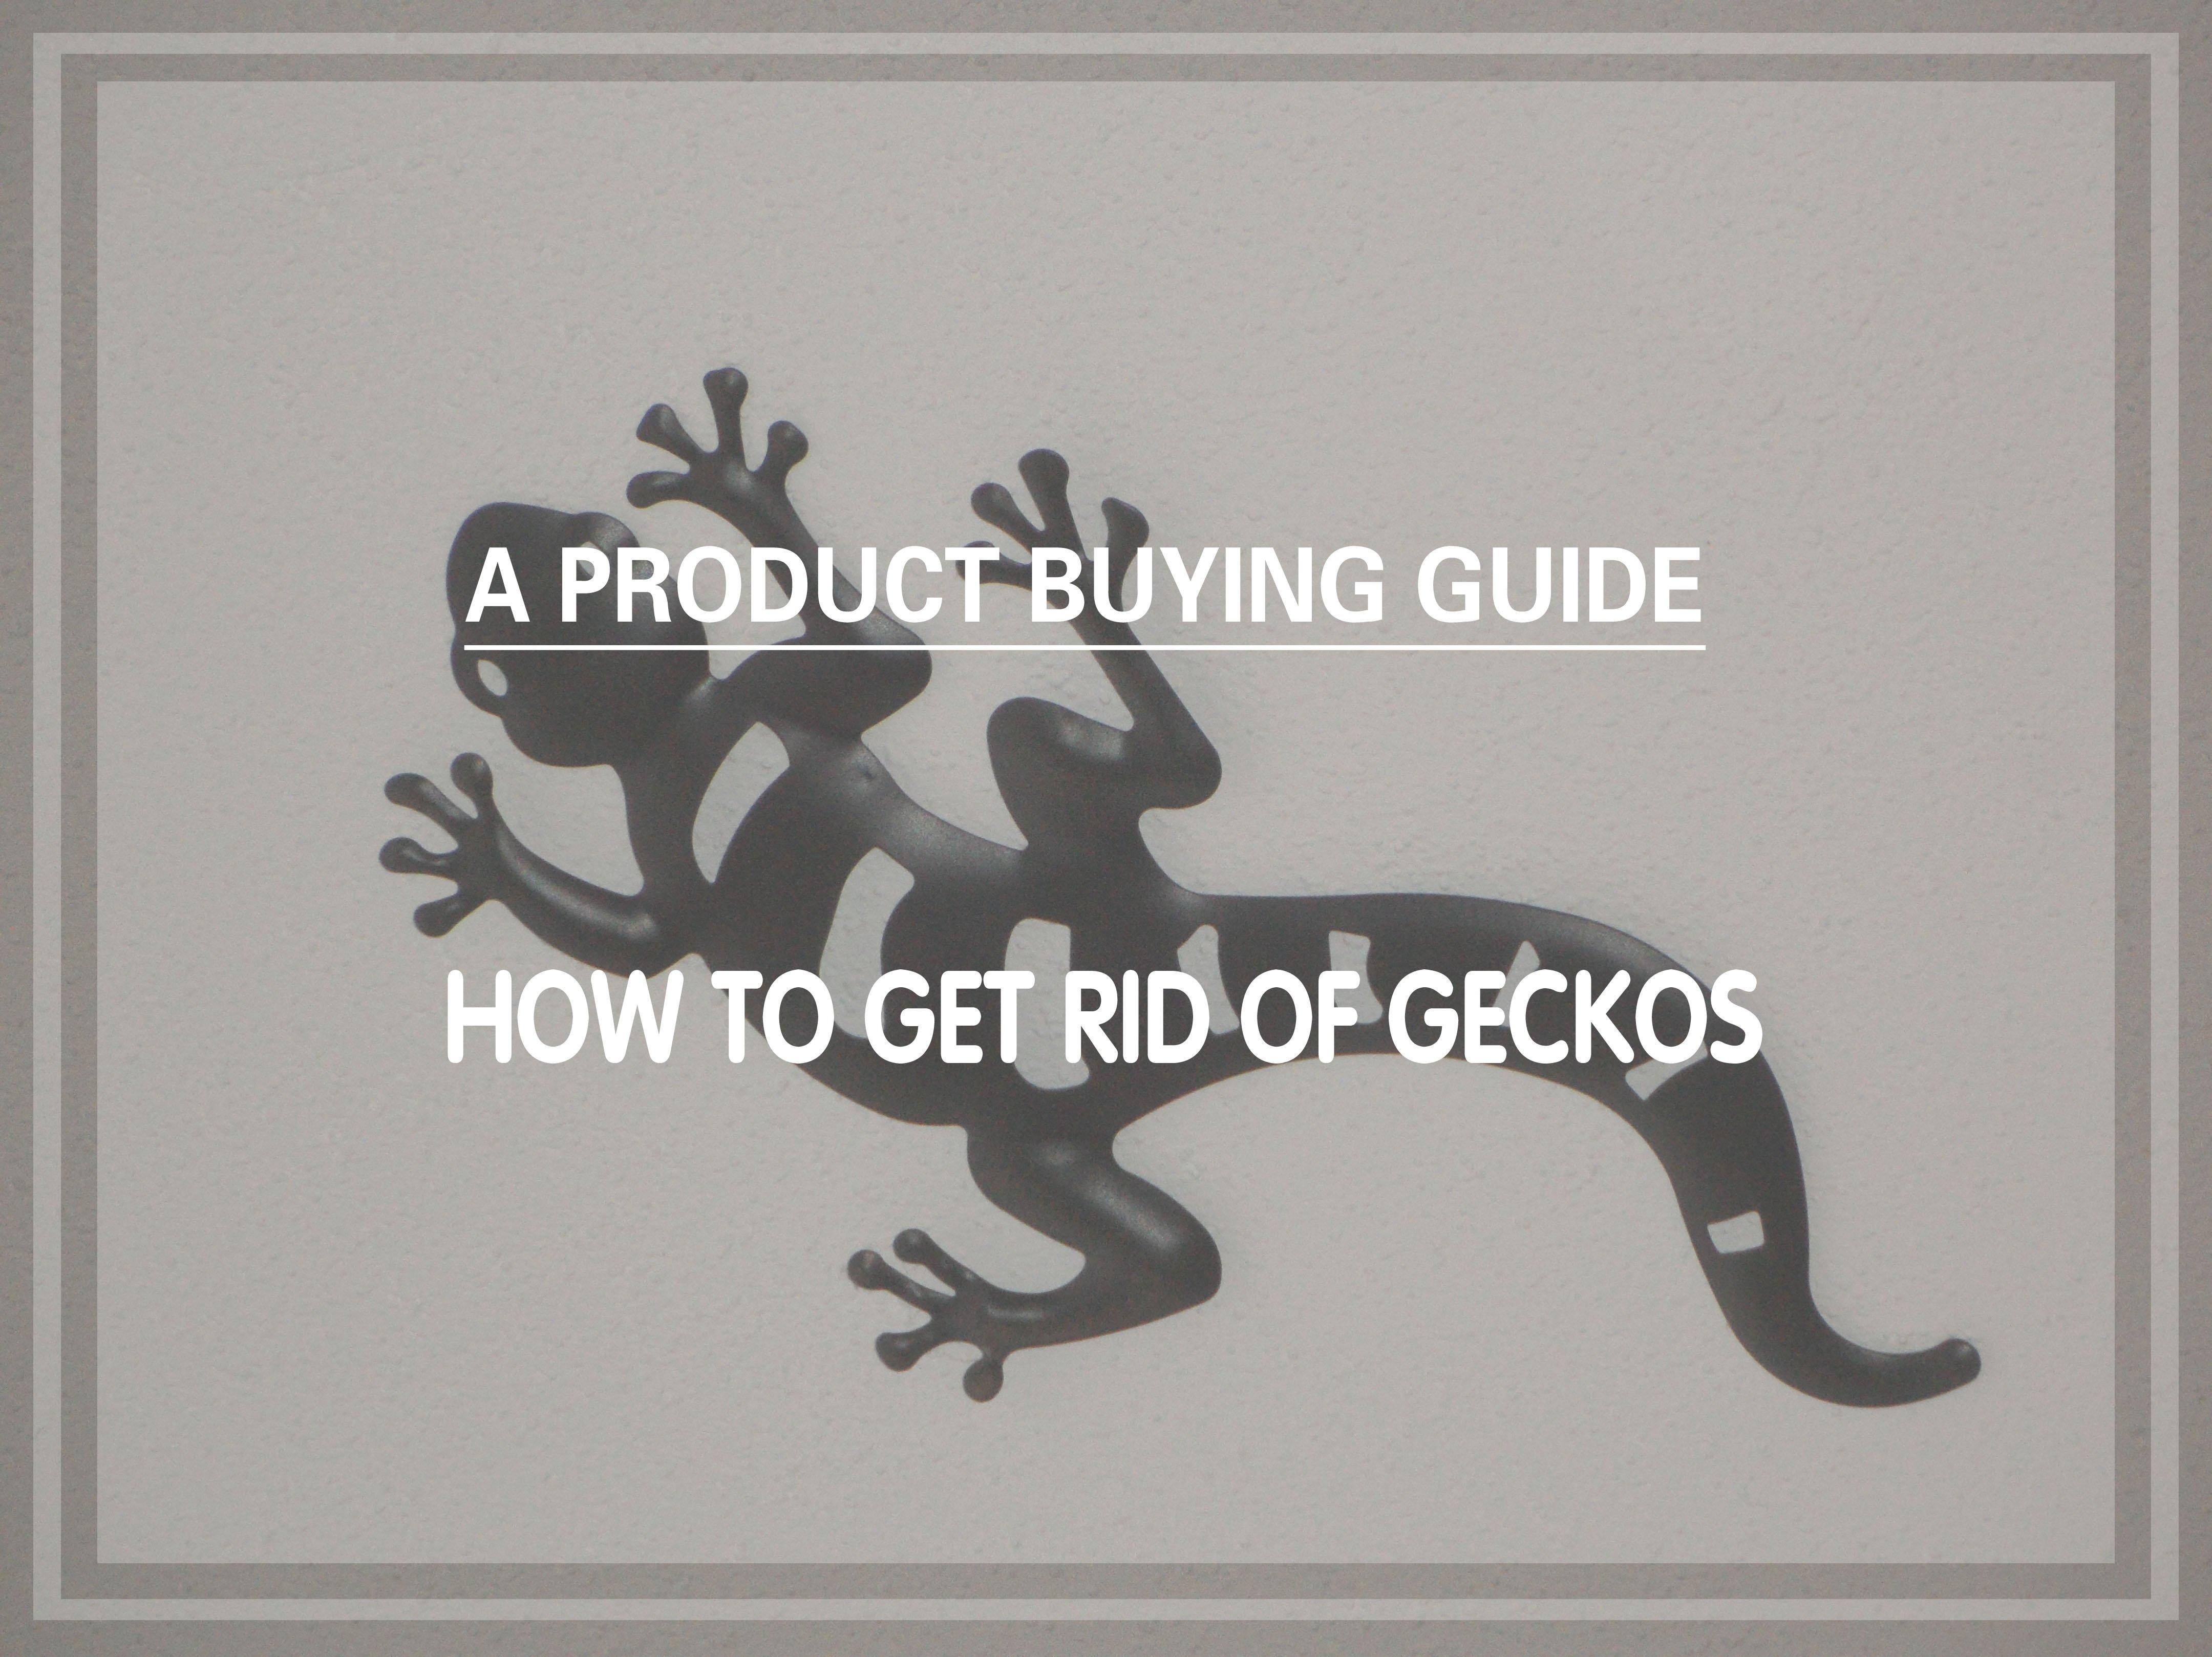 6 Best Gecko Repellents to Buy In 2019 - Pest Wiki